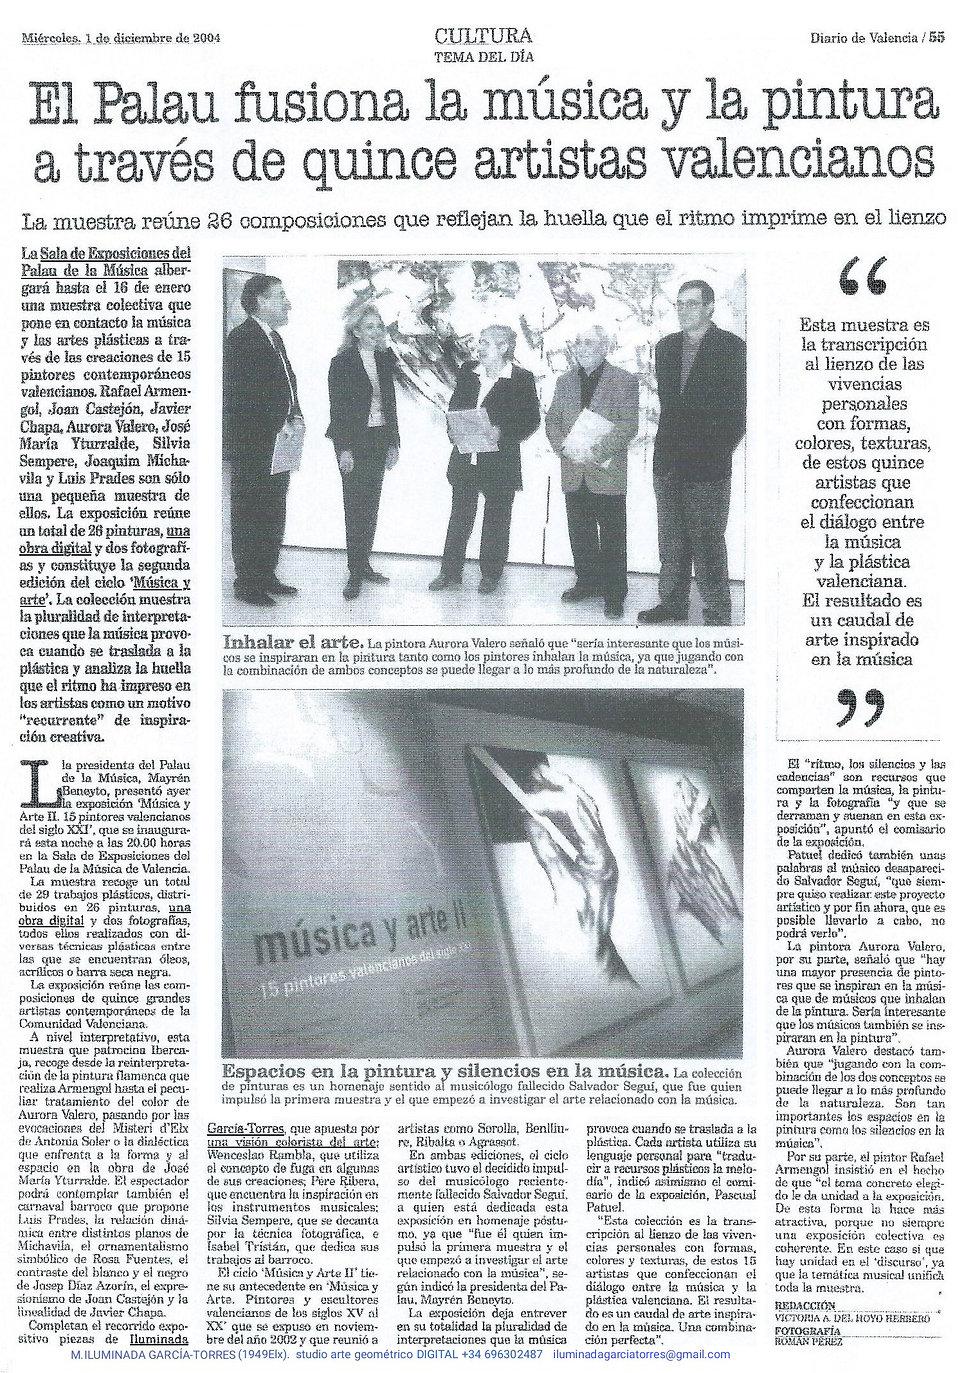 2004Diario de Valencia 1diciembre· PalauMúsica Valencia expoMUSICA ARTE II catalog46..jpg